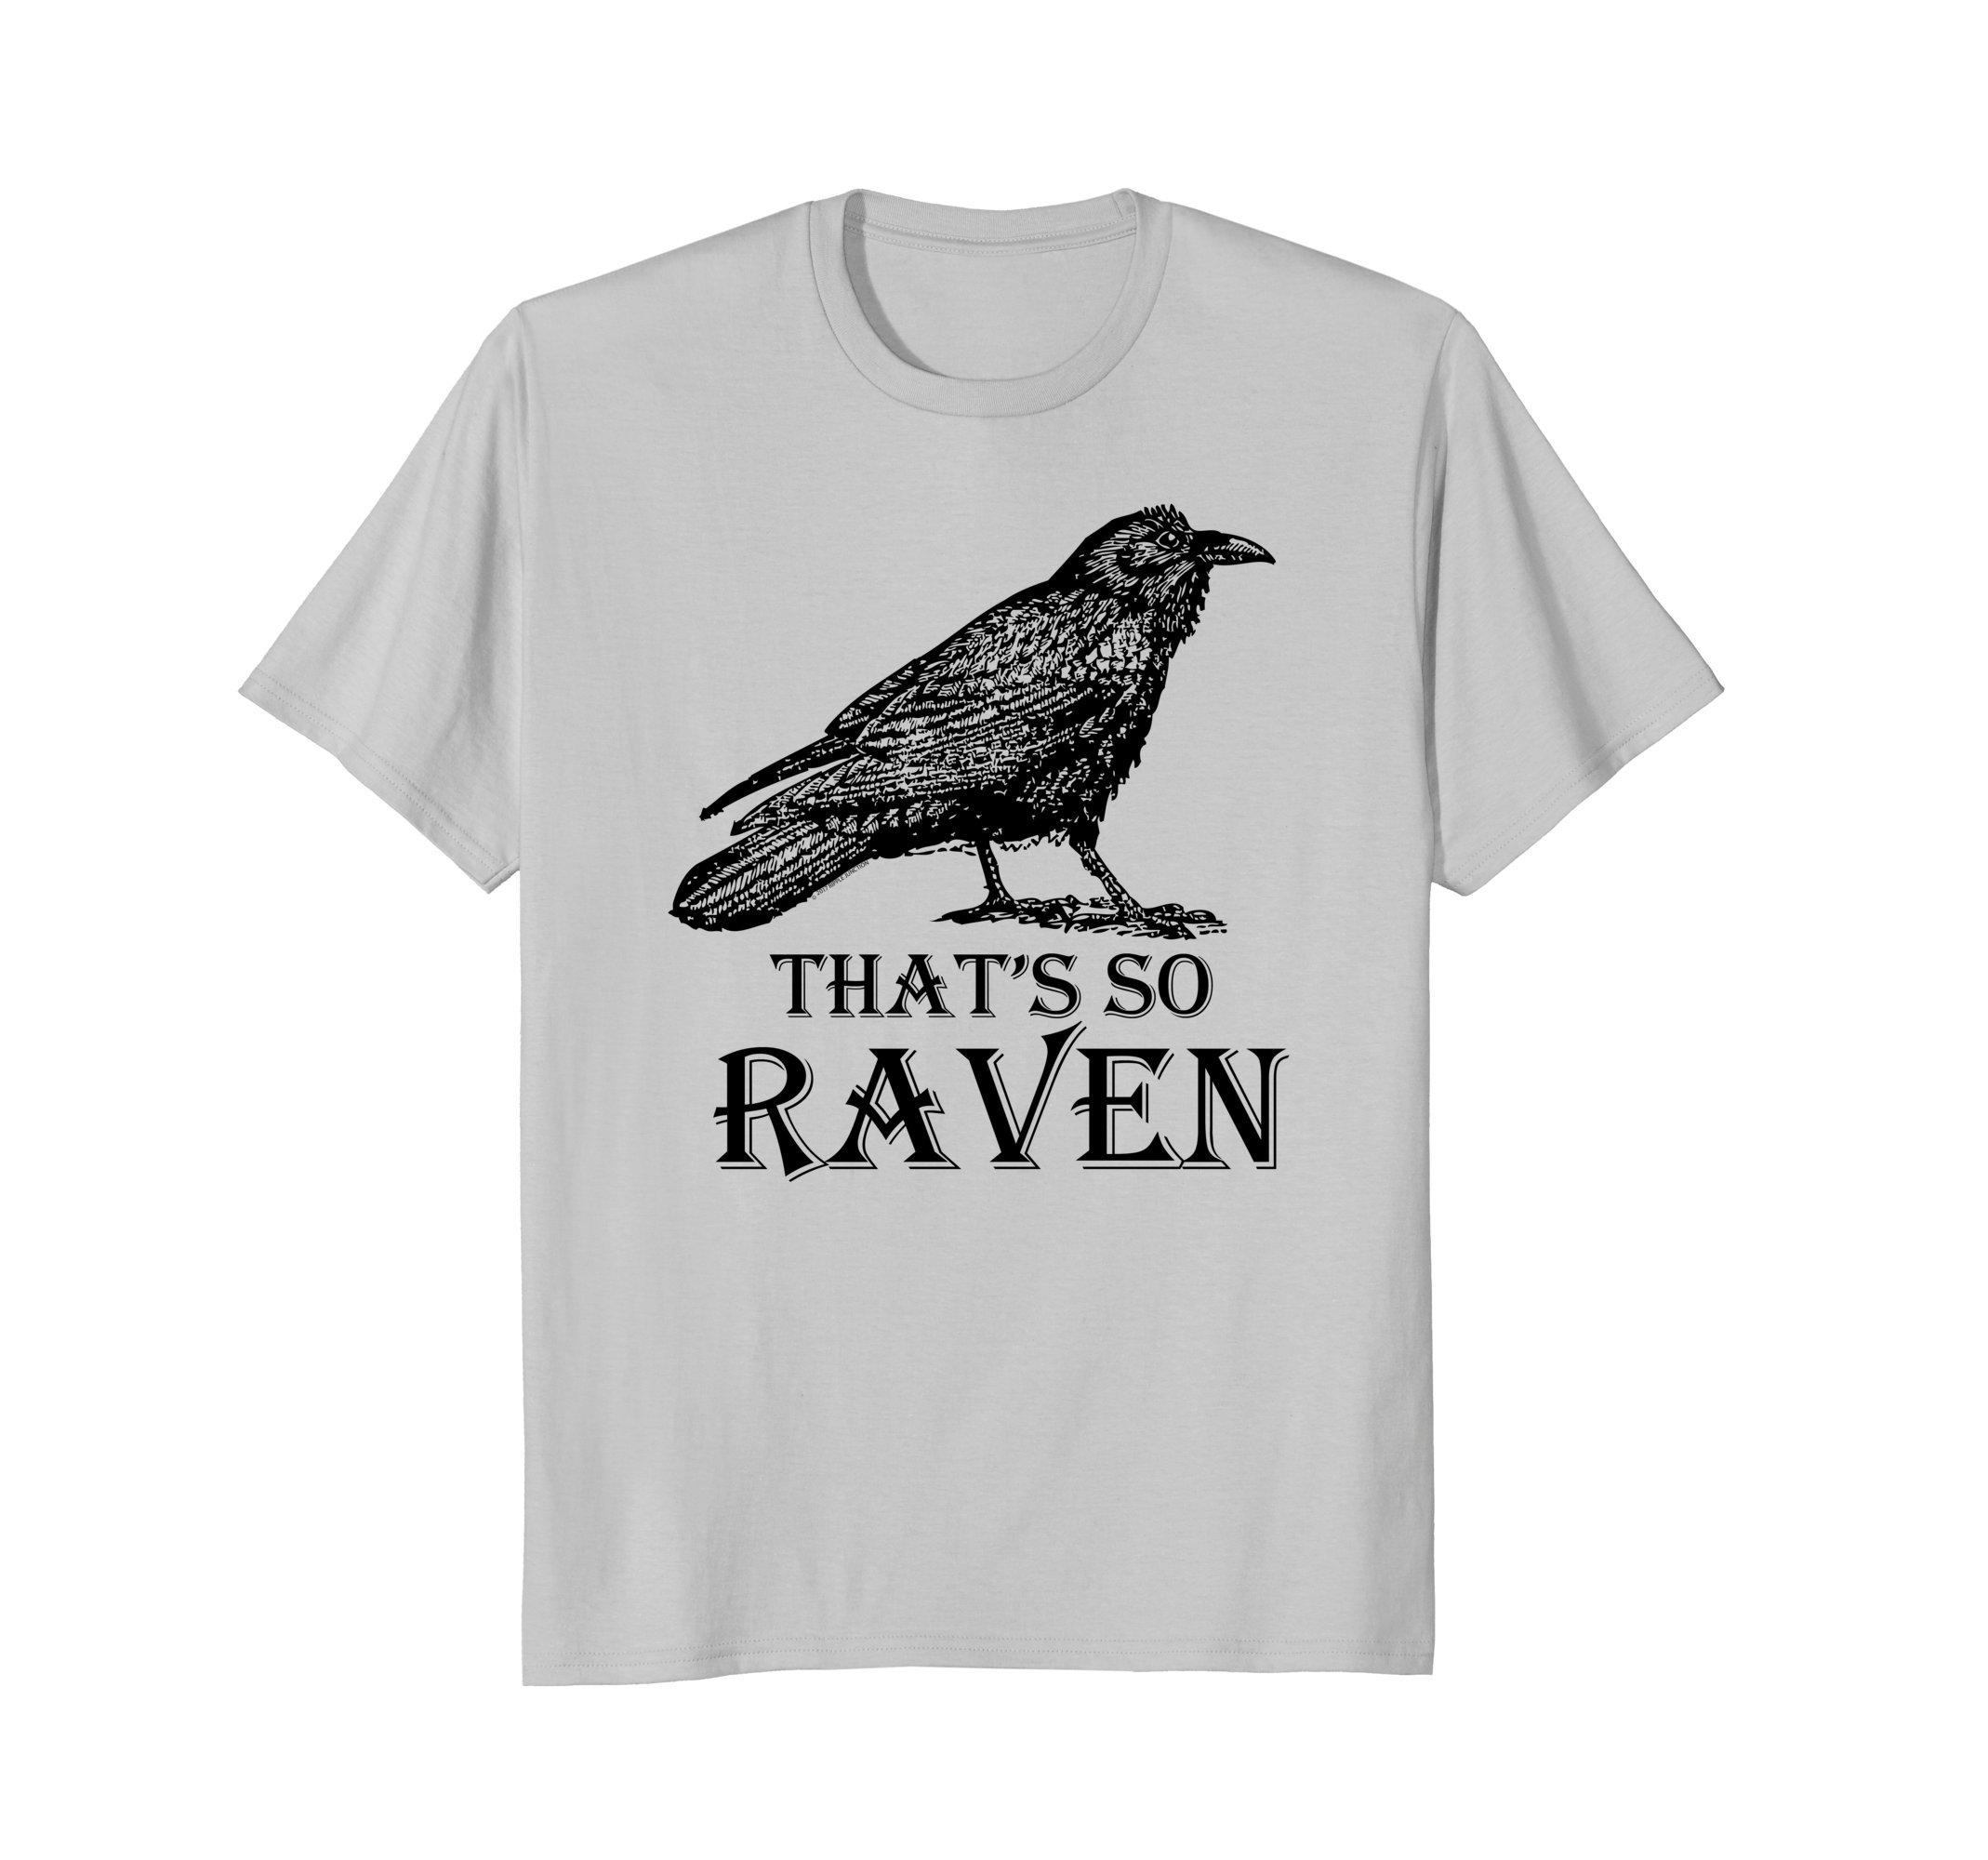 Thats So Raven Shirts